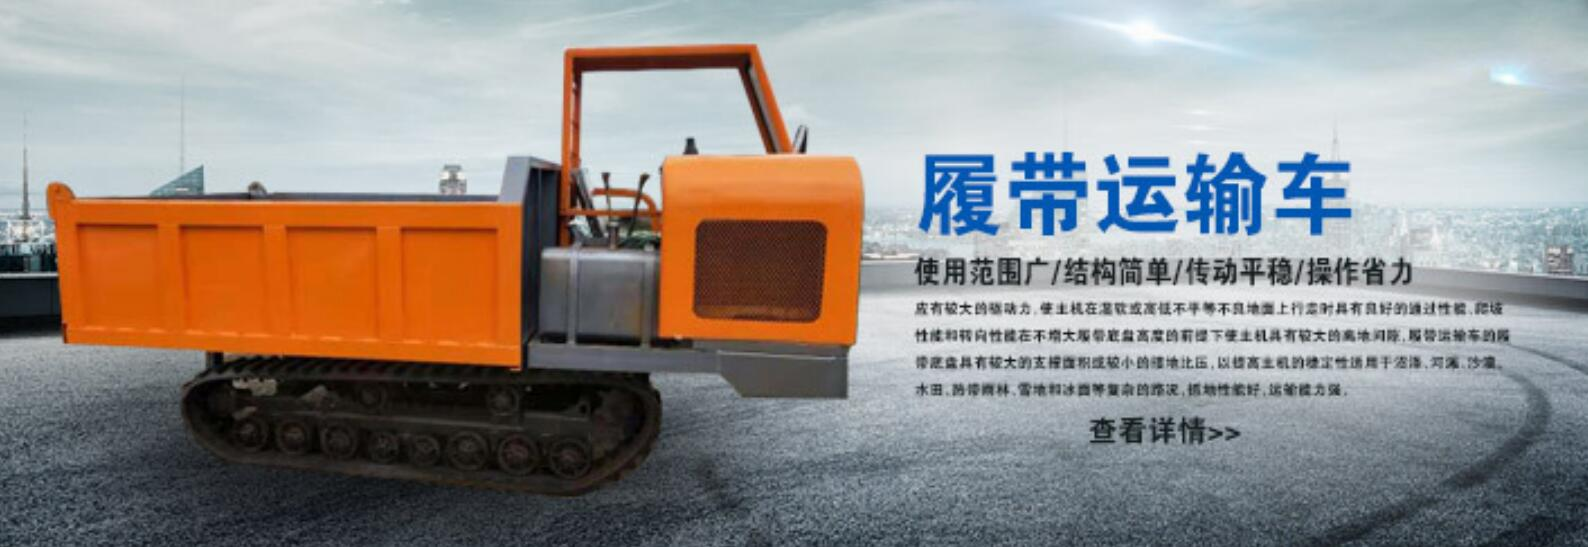 济宁稳拓机械设备有限公司